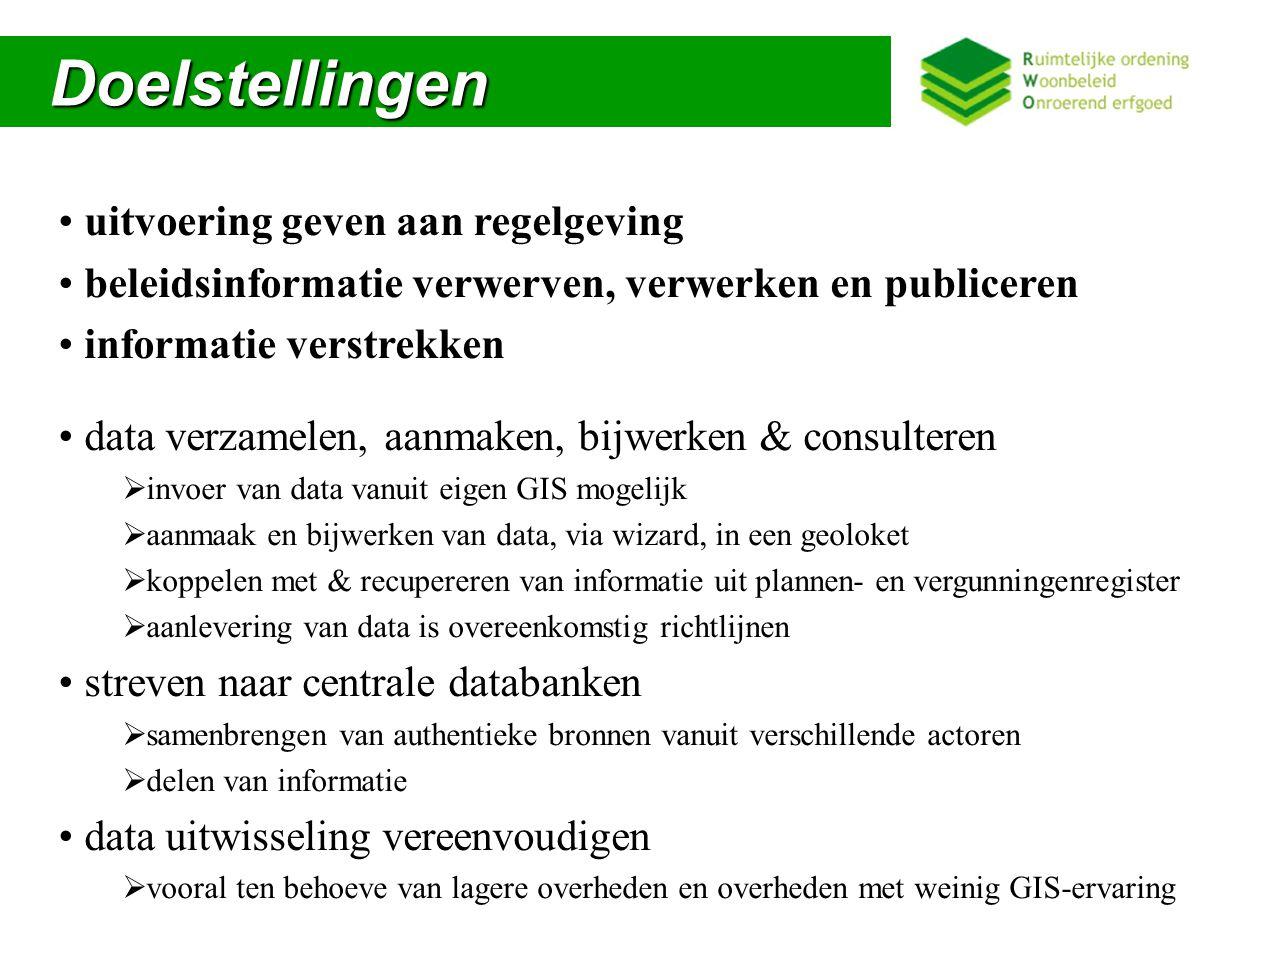 Doelstellingen uitvoering geven aan regelgeving